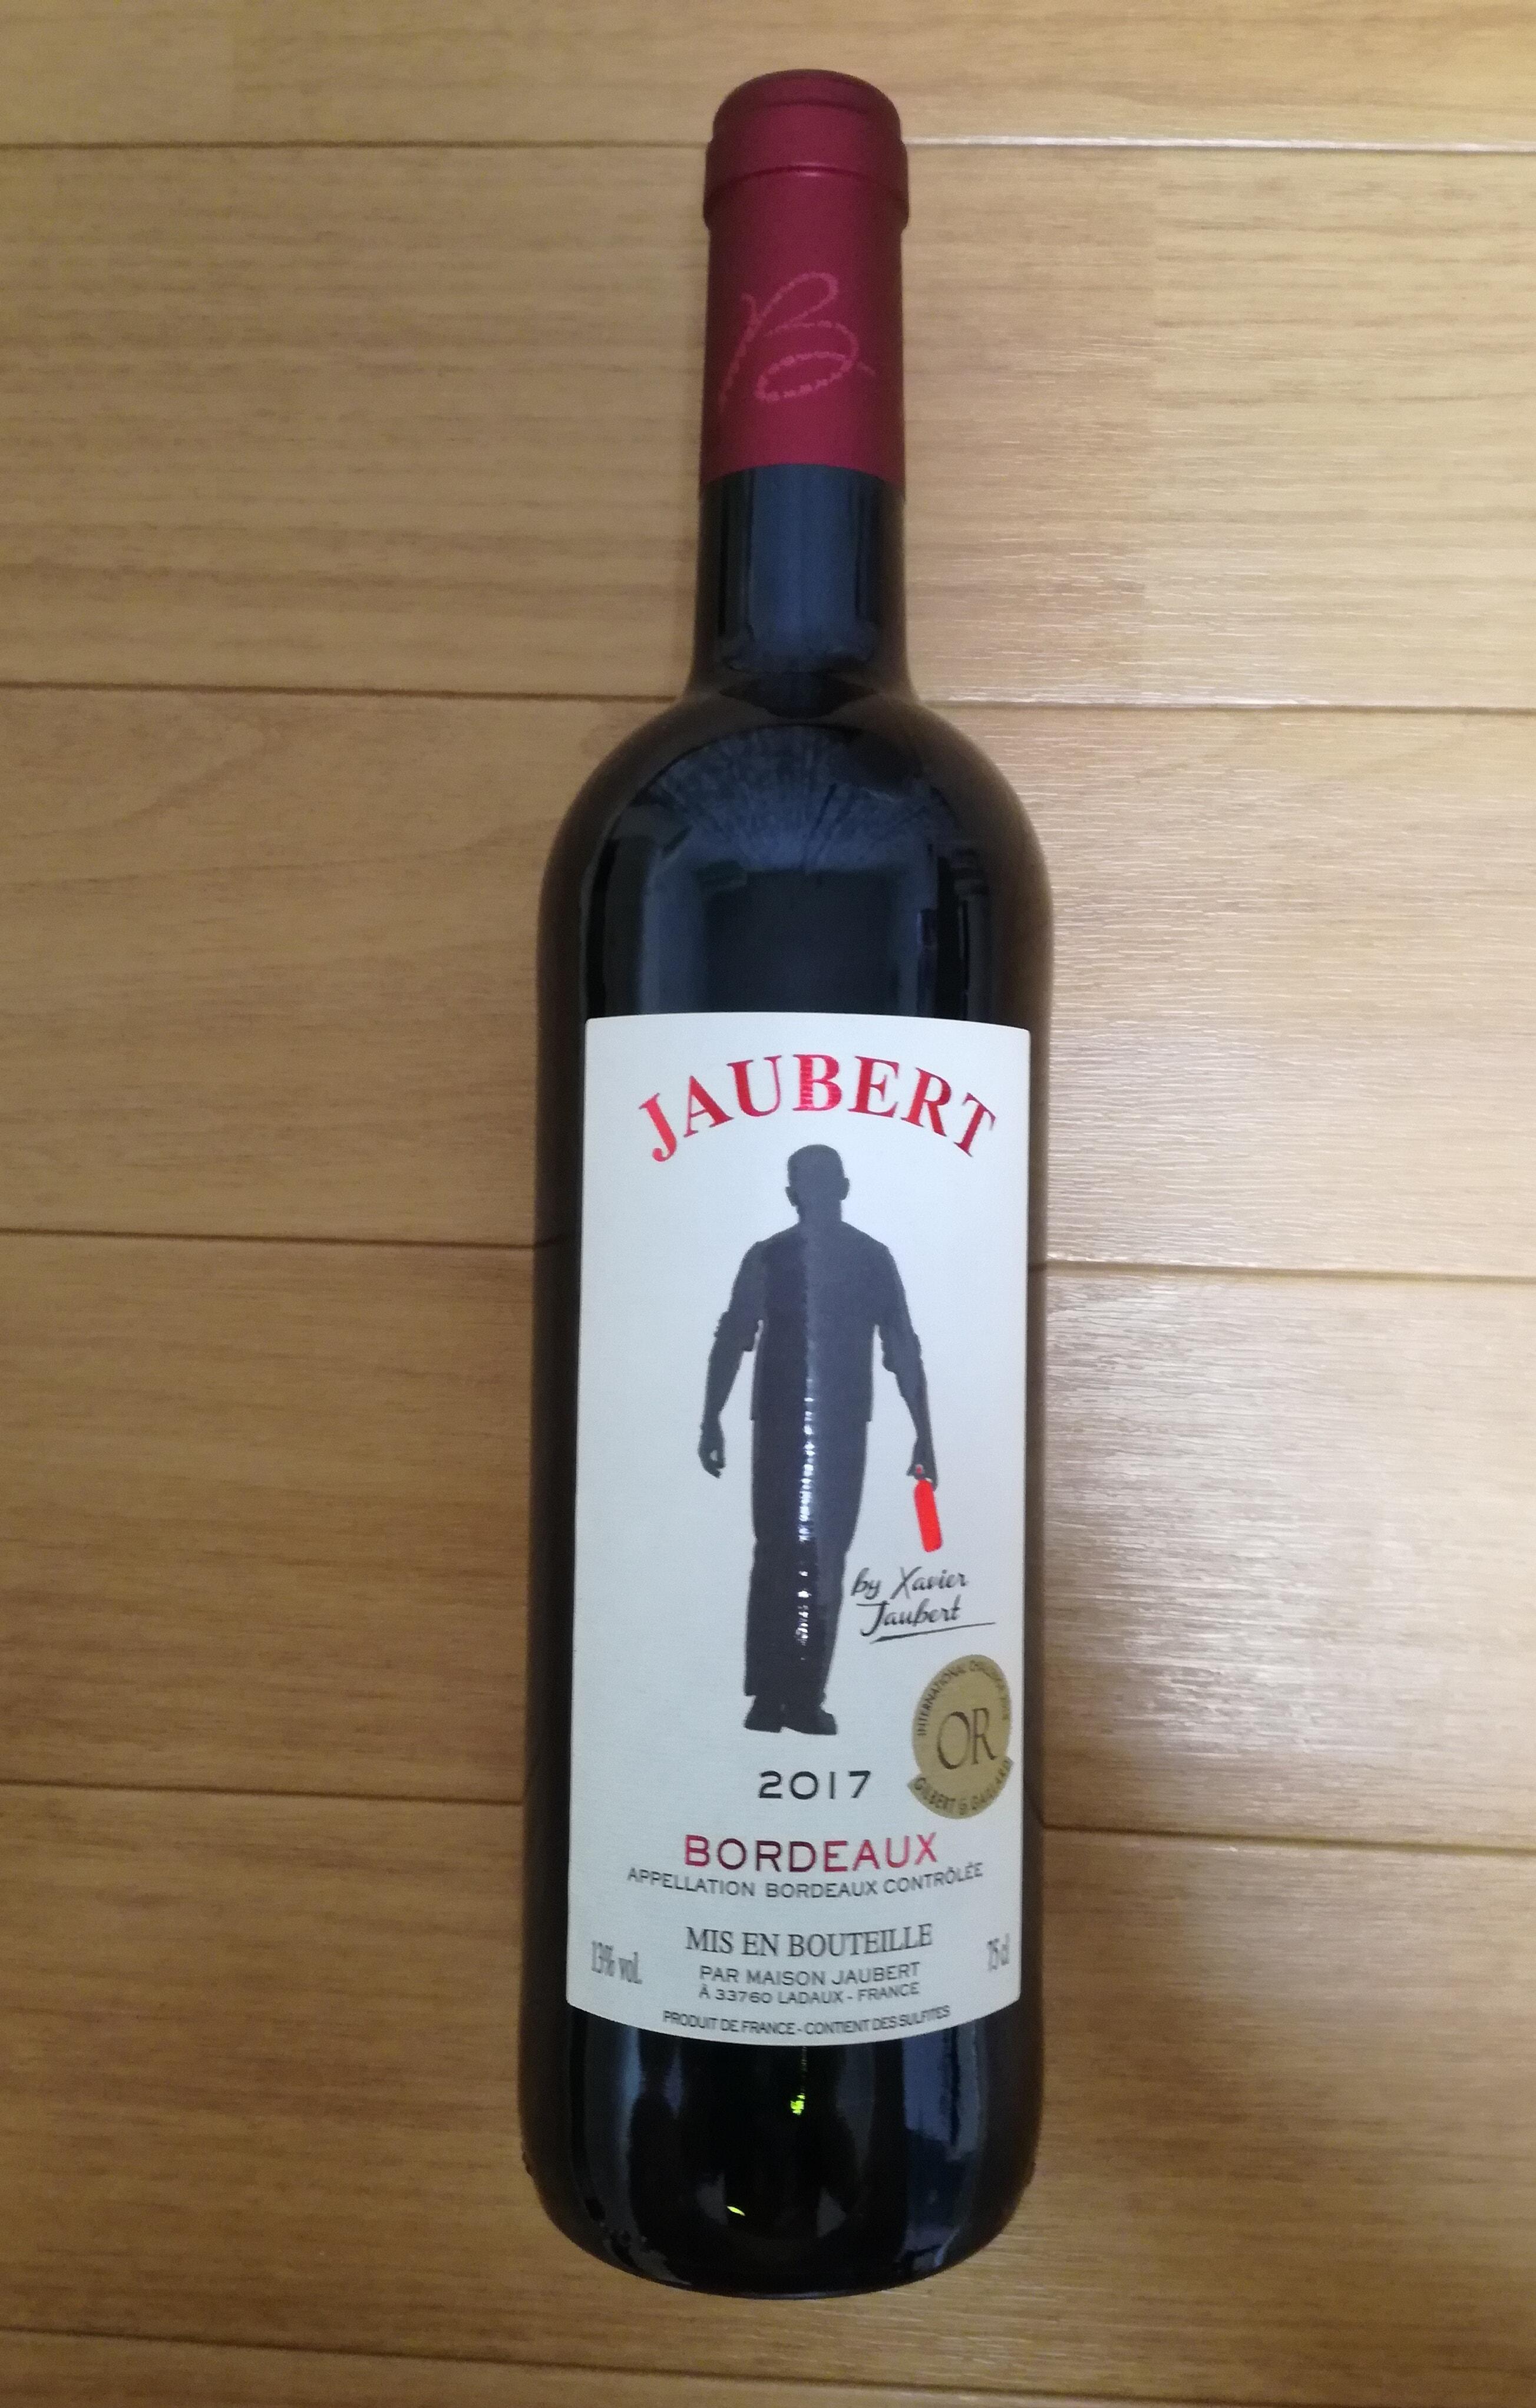 含み損5万超のベルーナ(9997)から株主優待で選んだ赤ワインが到着!